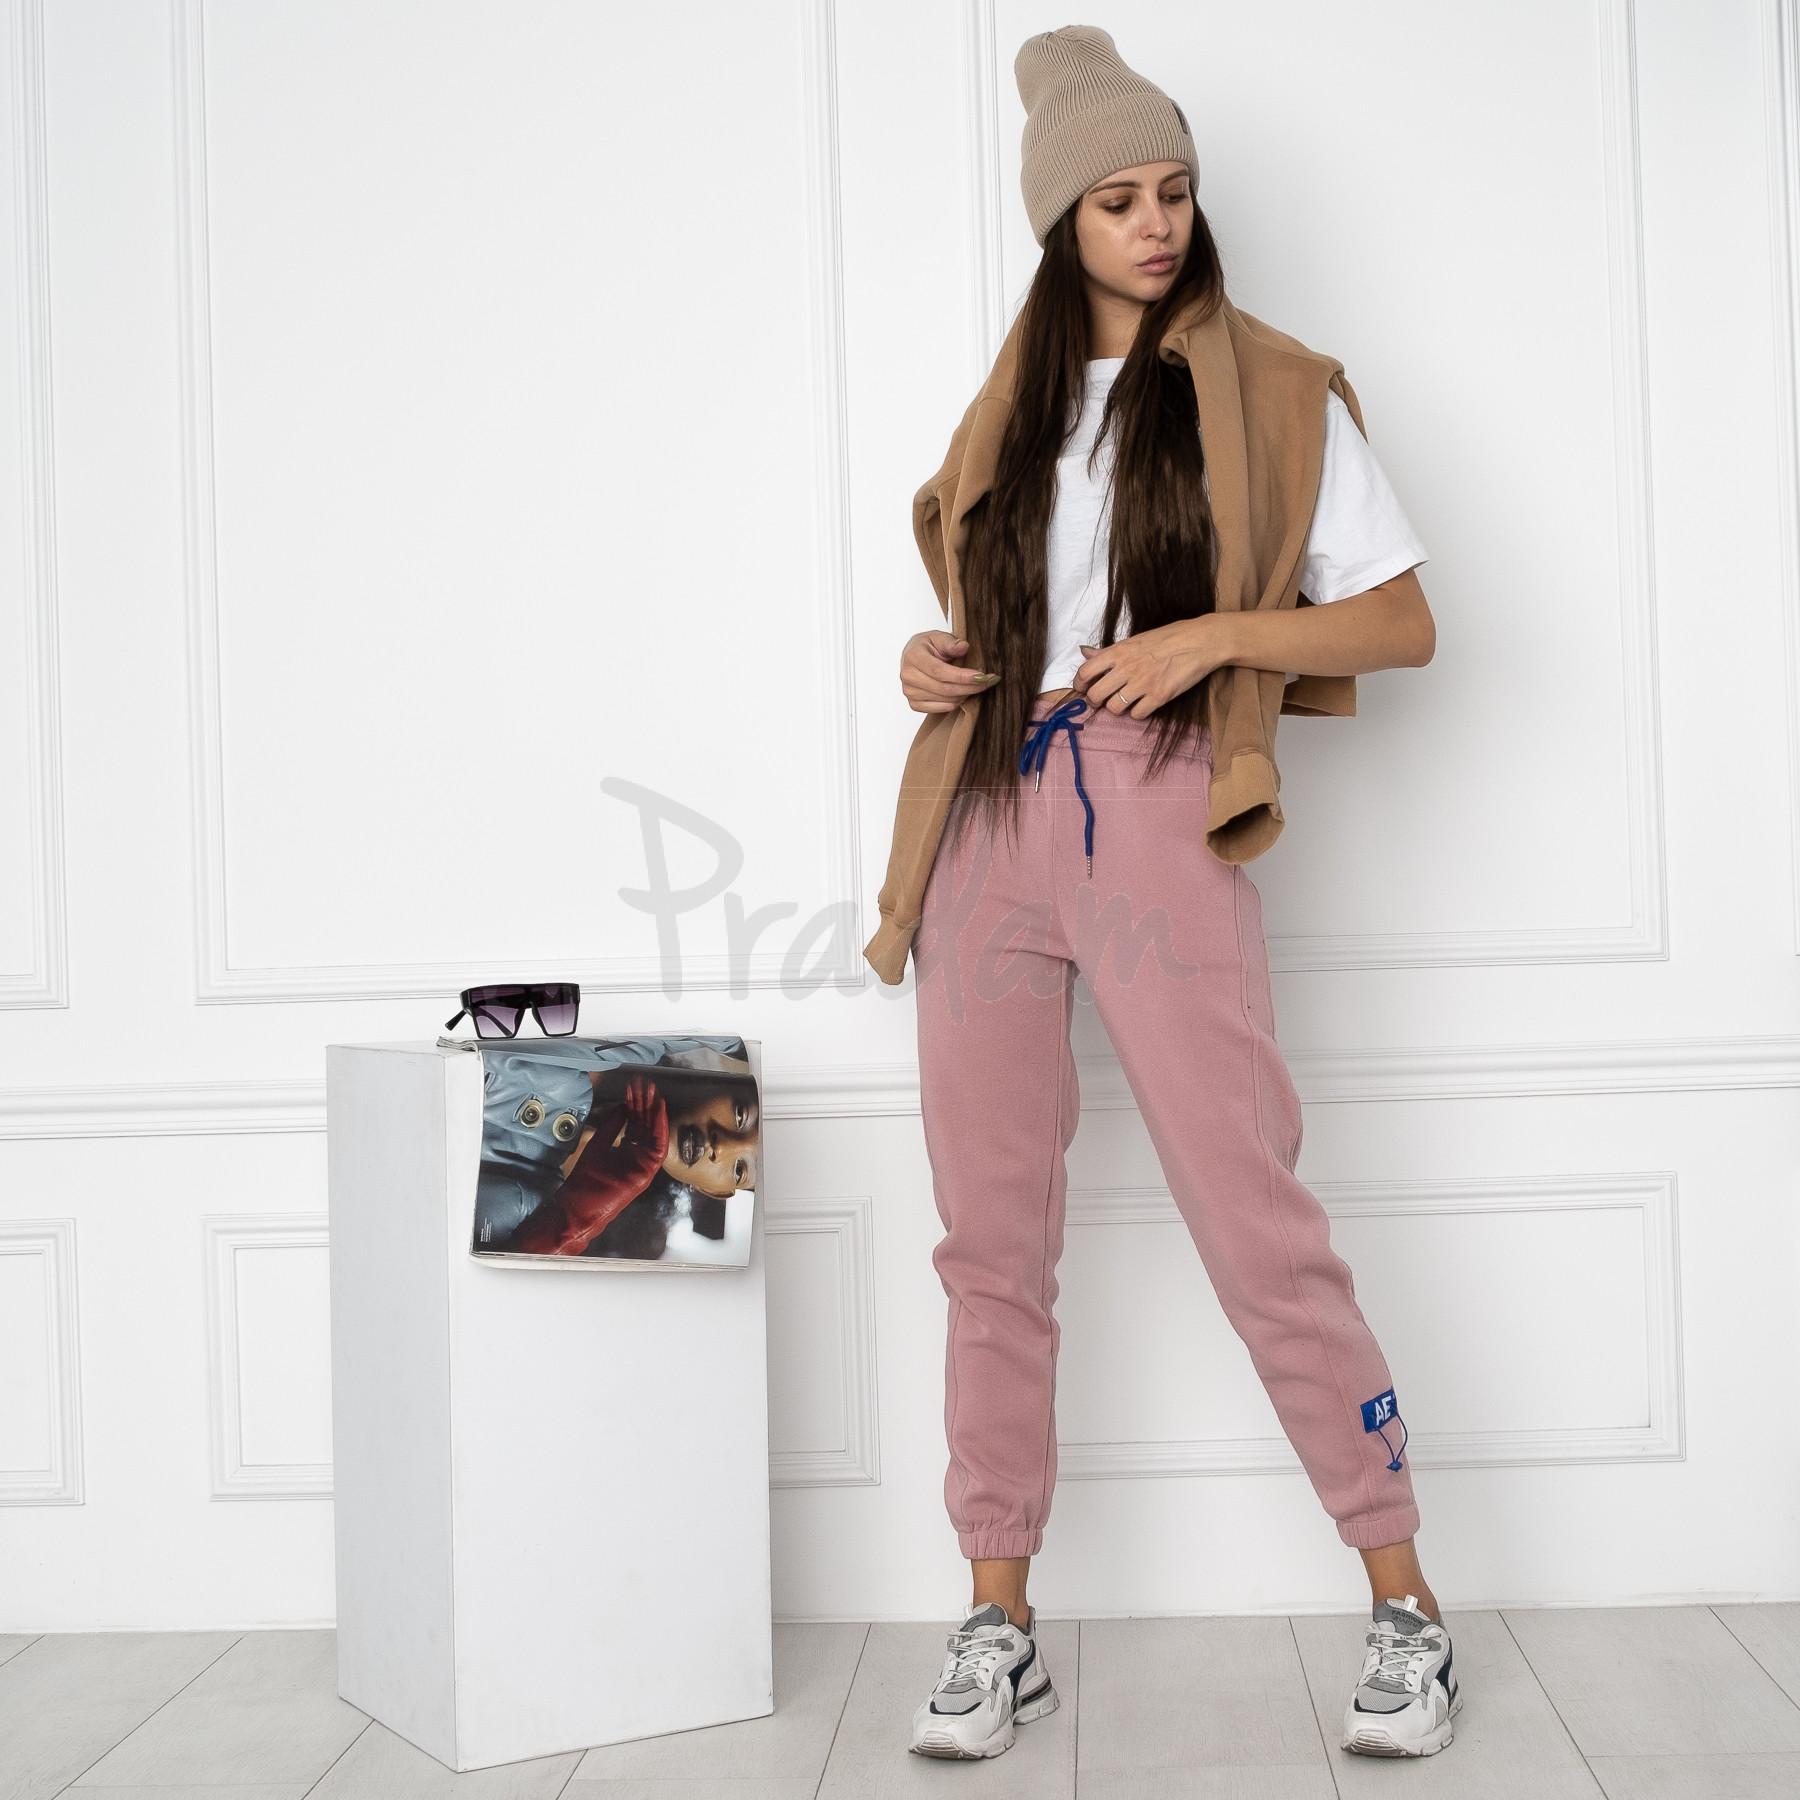 0010-2 розовые спортивные штаны женские на флисе (6 ед.размеры: S.M.L.XL.XXL.3XL)